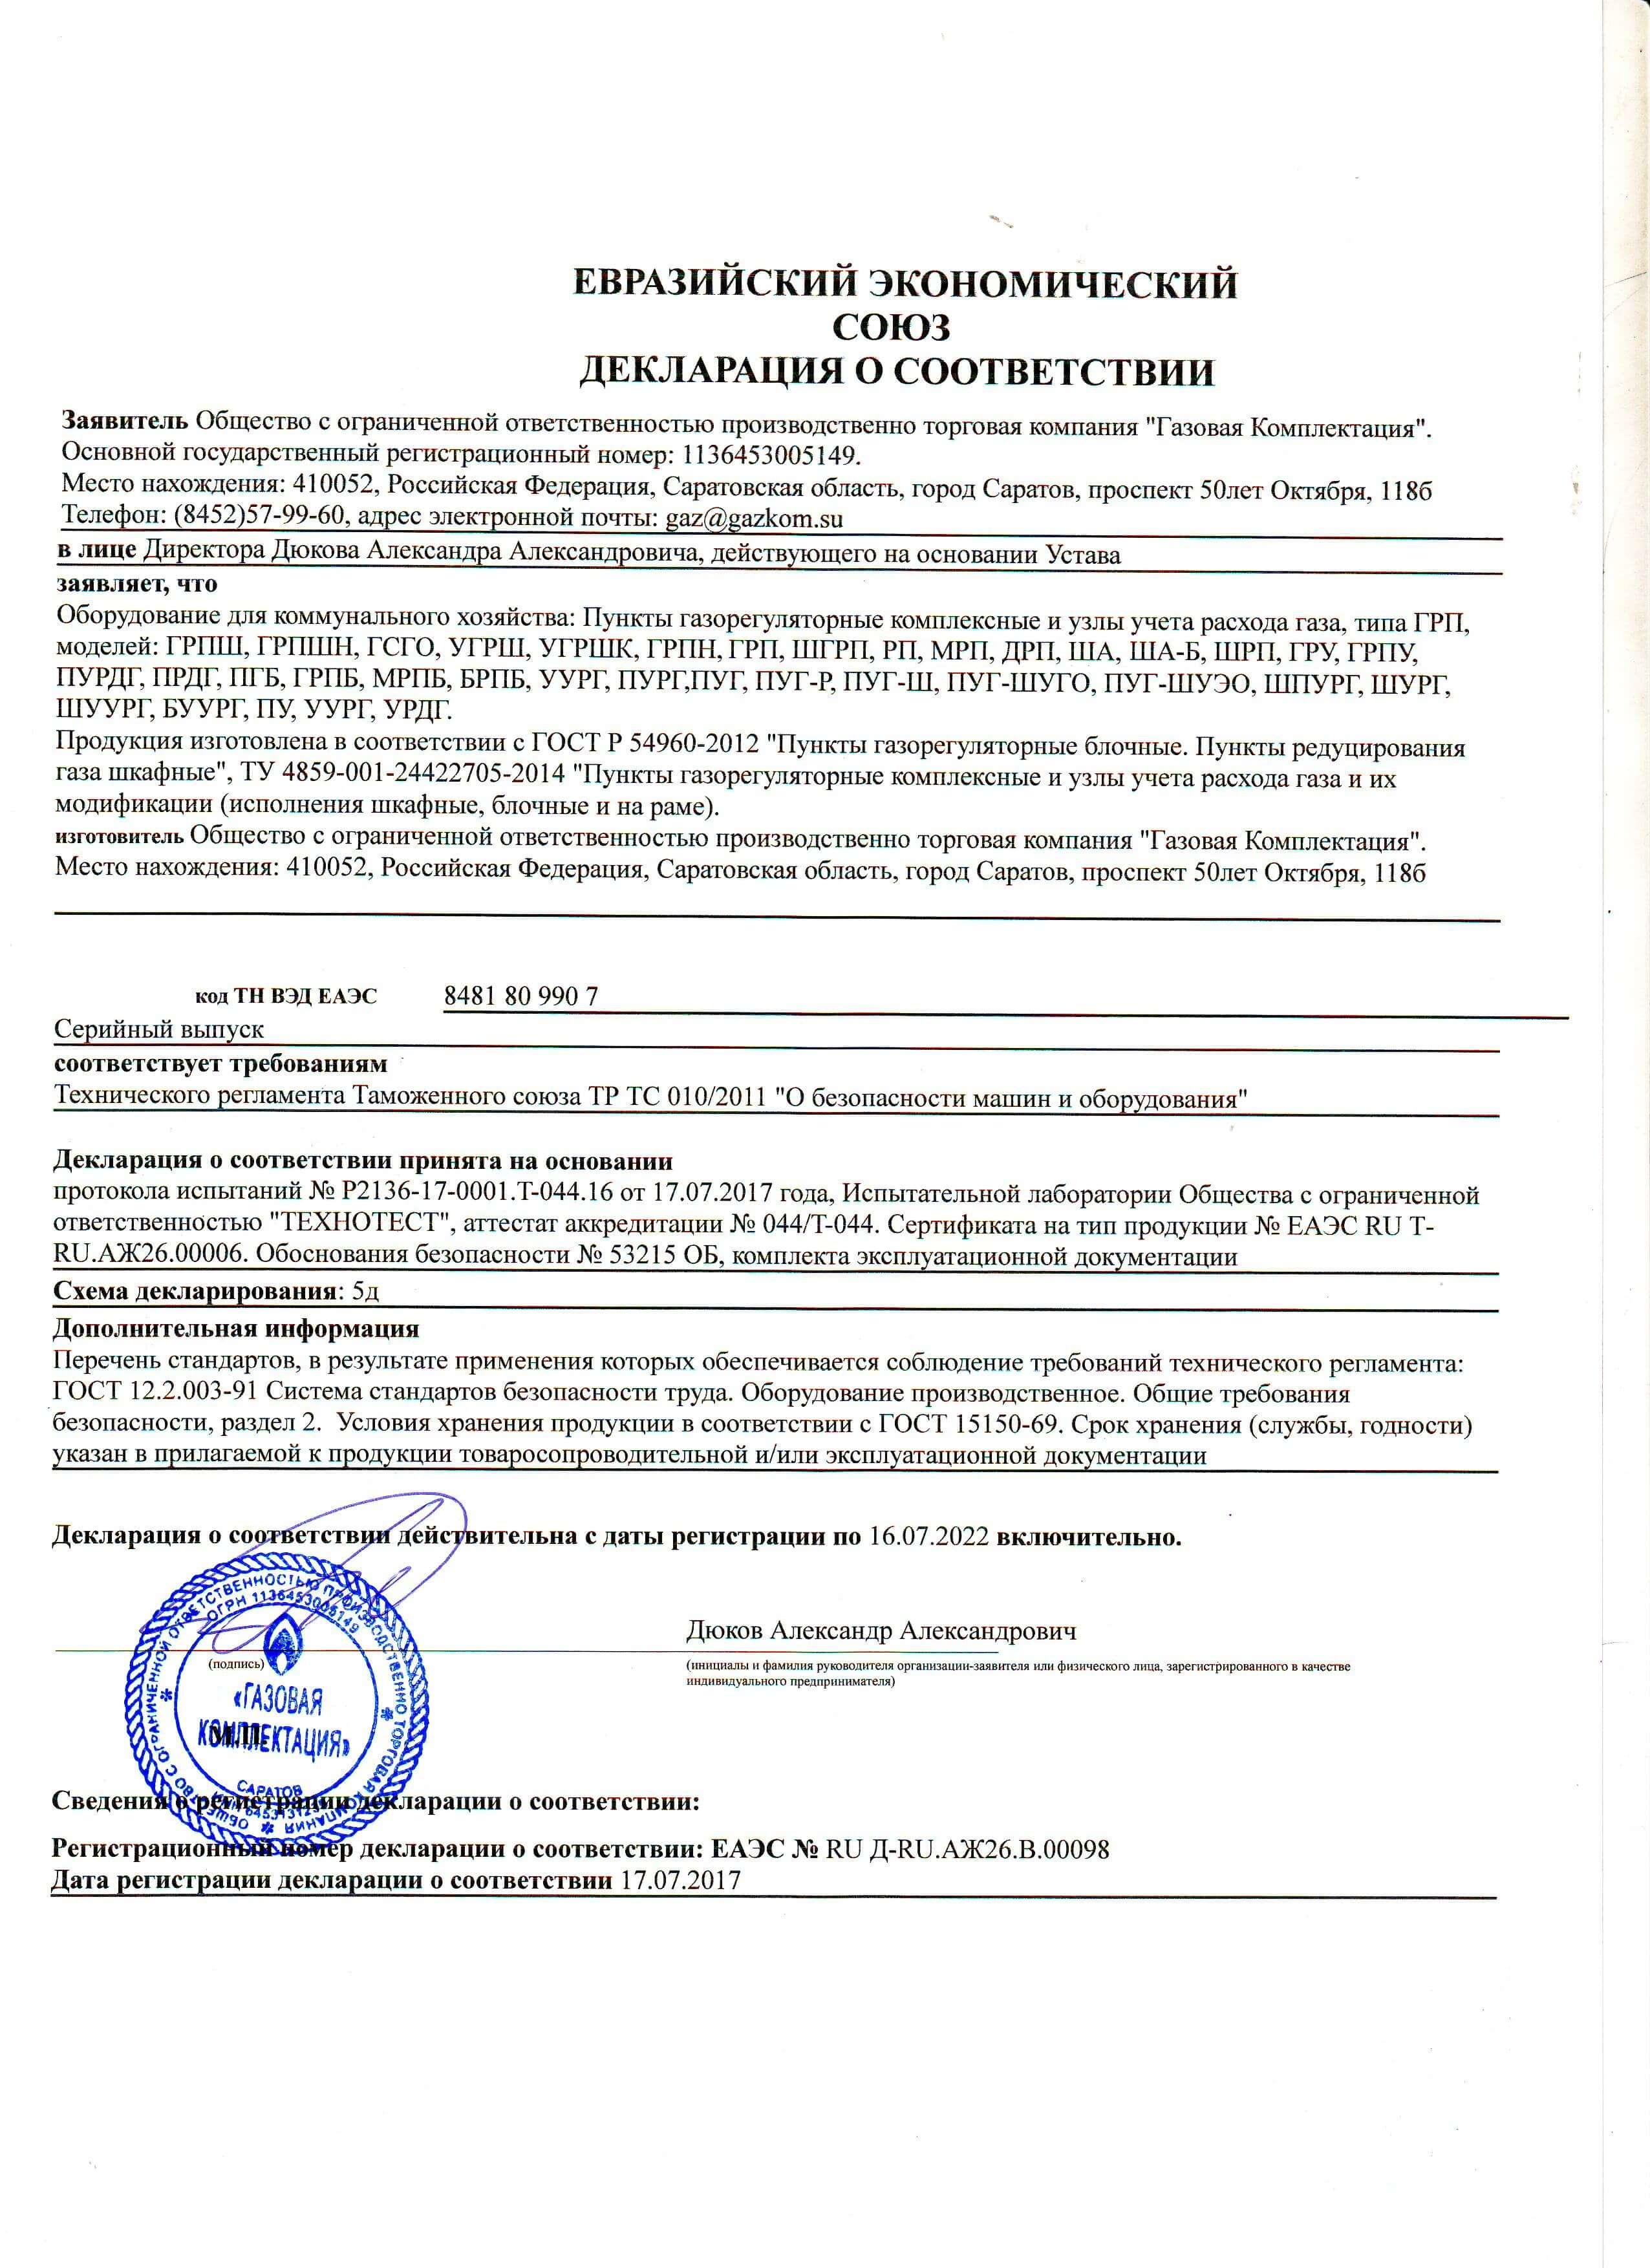 грпш 10 сертификат соответствия